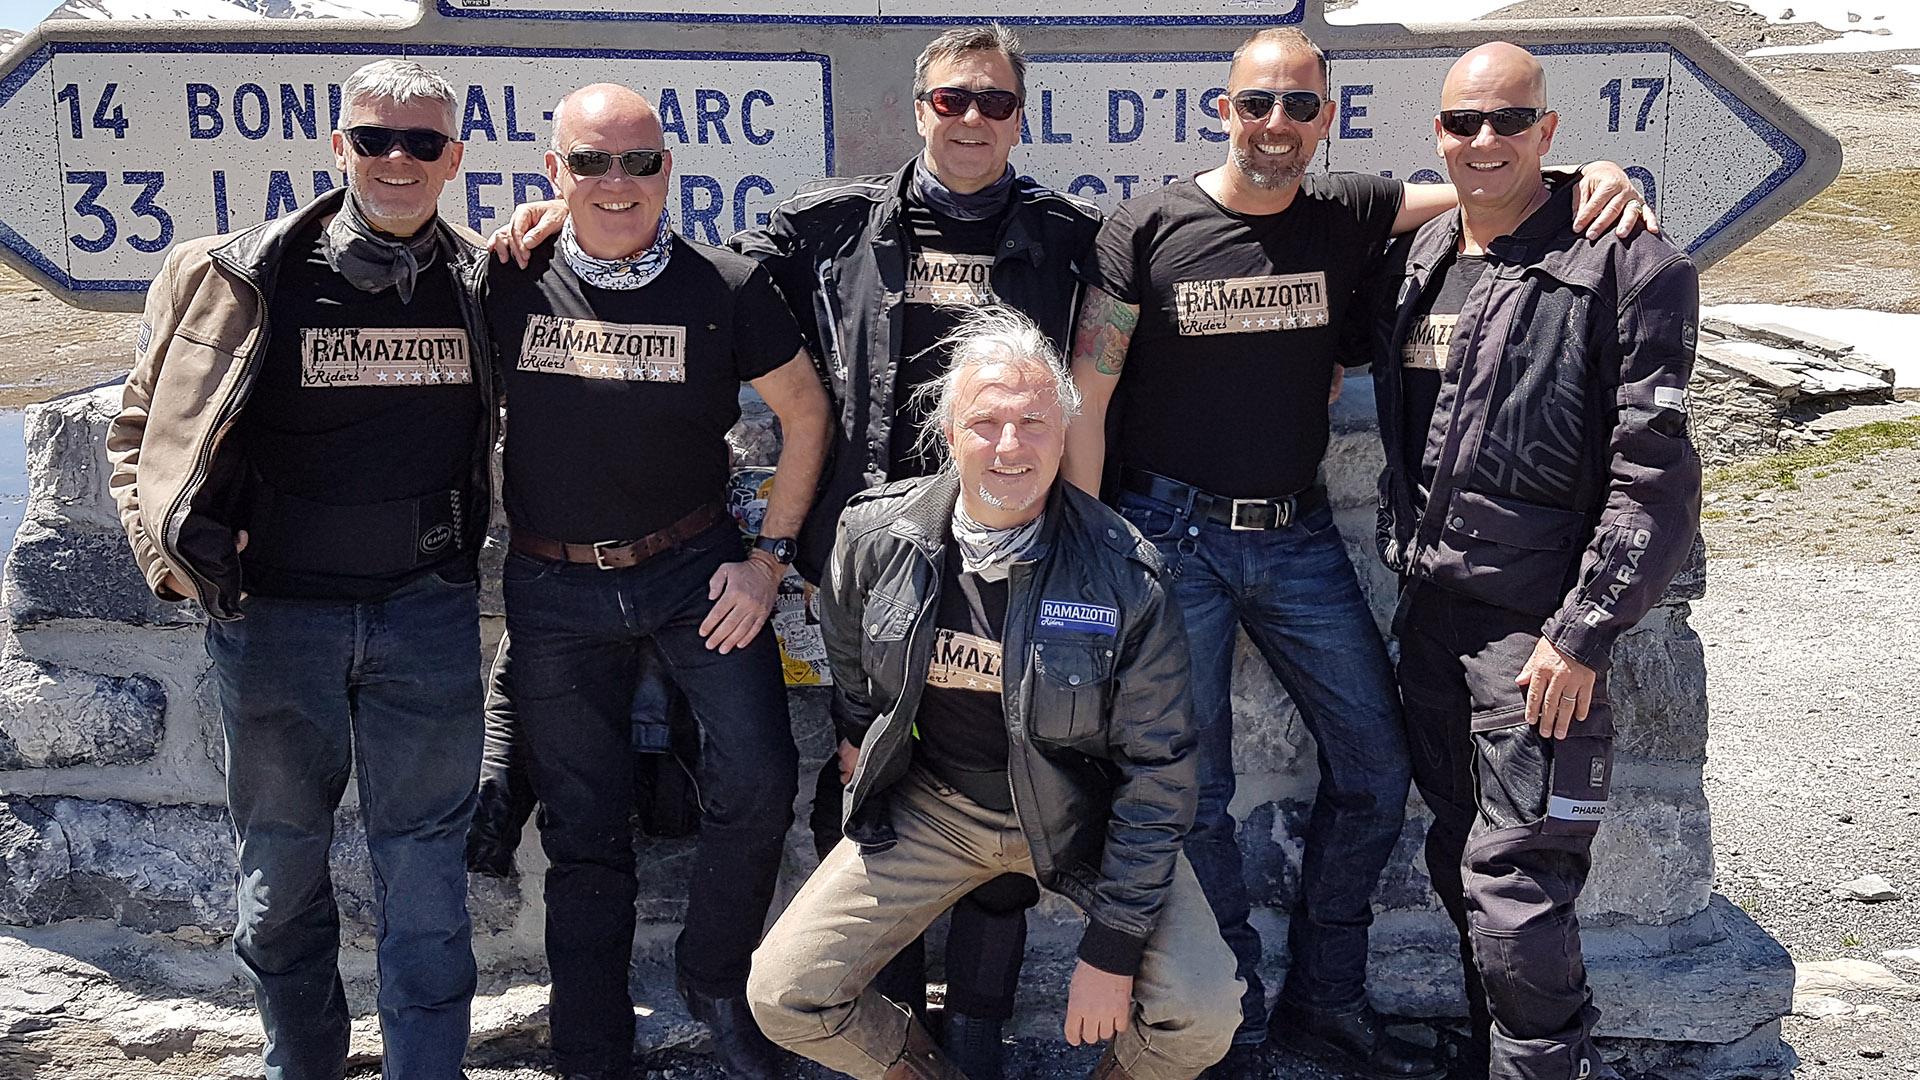 Motorradclubs und -vereine auf Pässe.Info